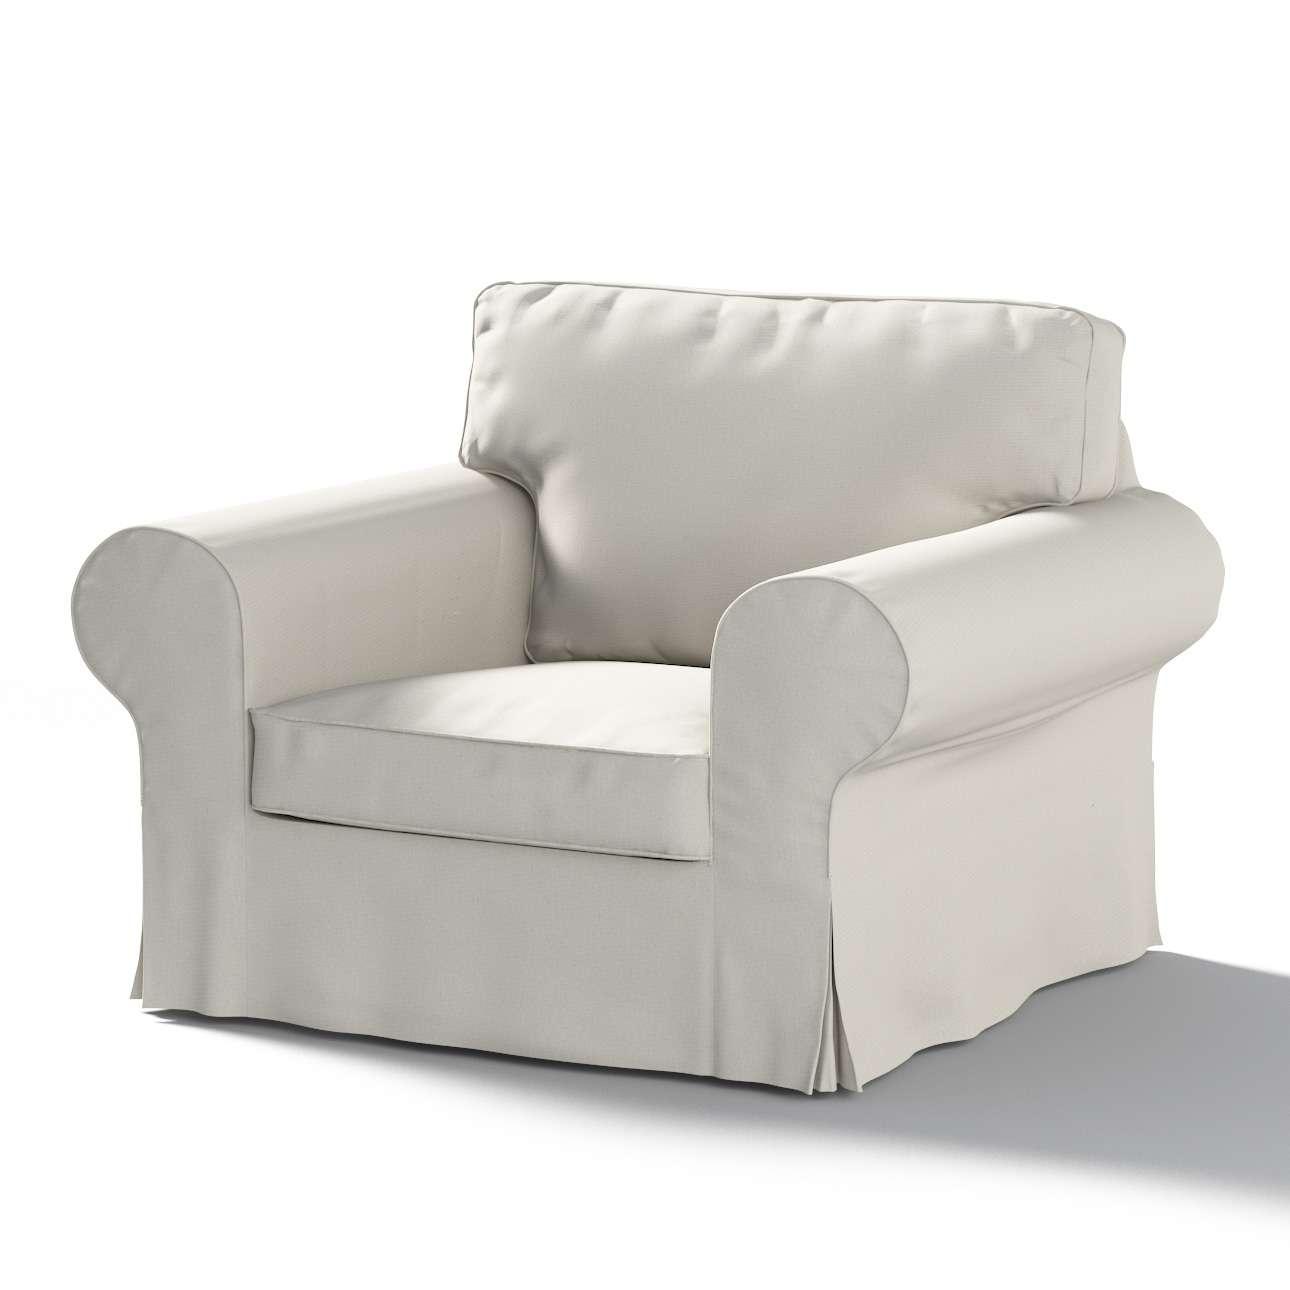 Pokrowiec na fotel Ektorp Fotel Ektorp w kolekcji Etna , tkanina: 705-90